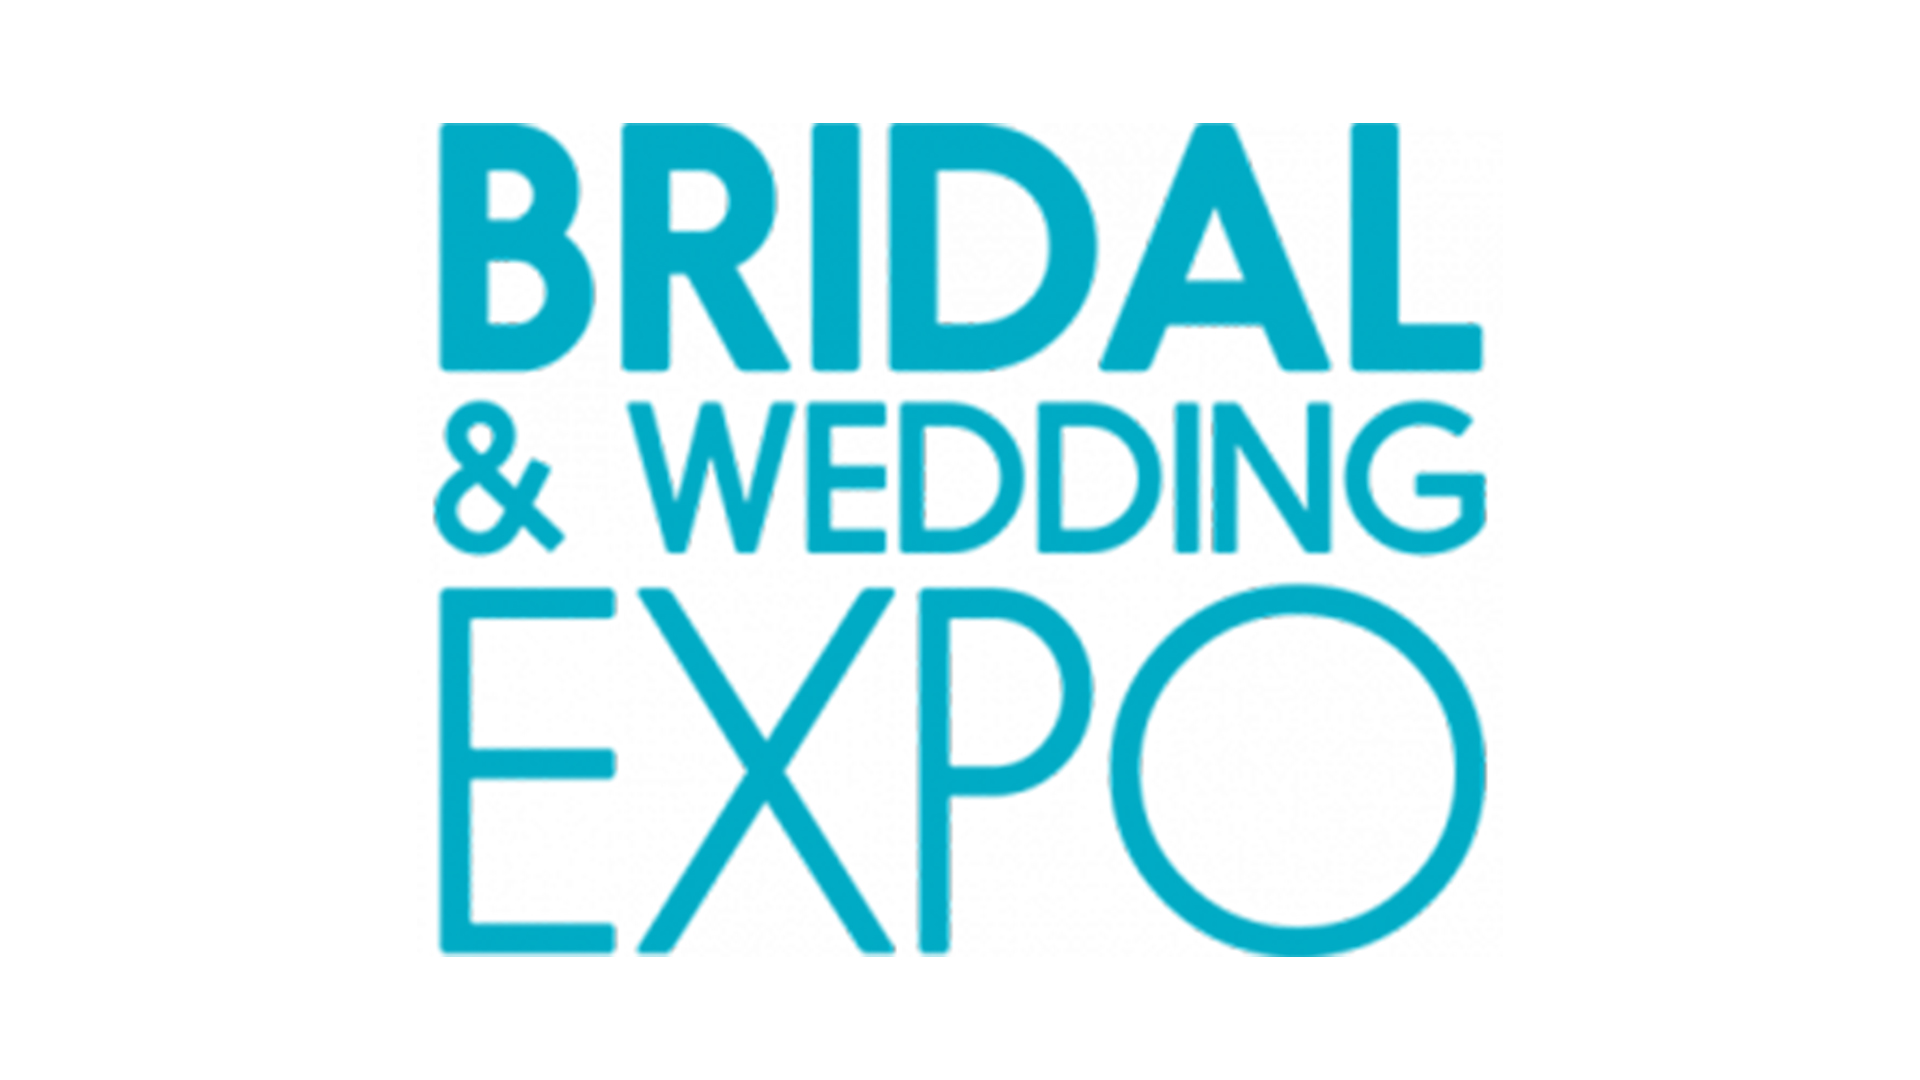 Bridal Wedding Expo Logo